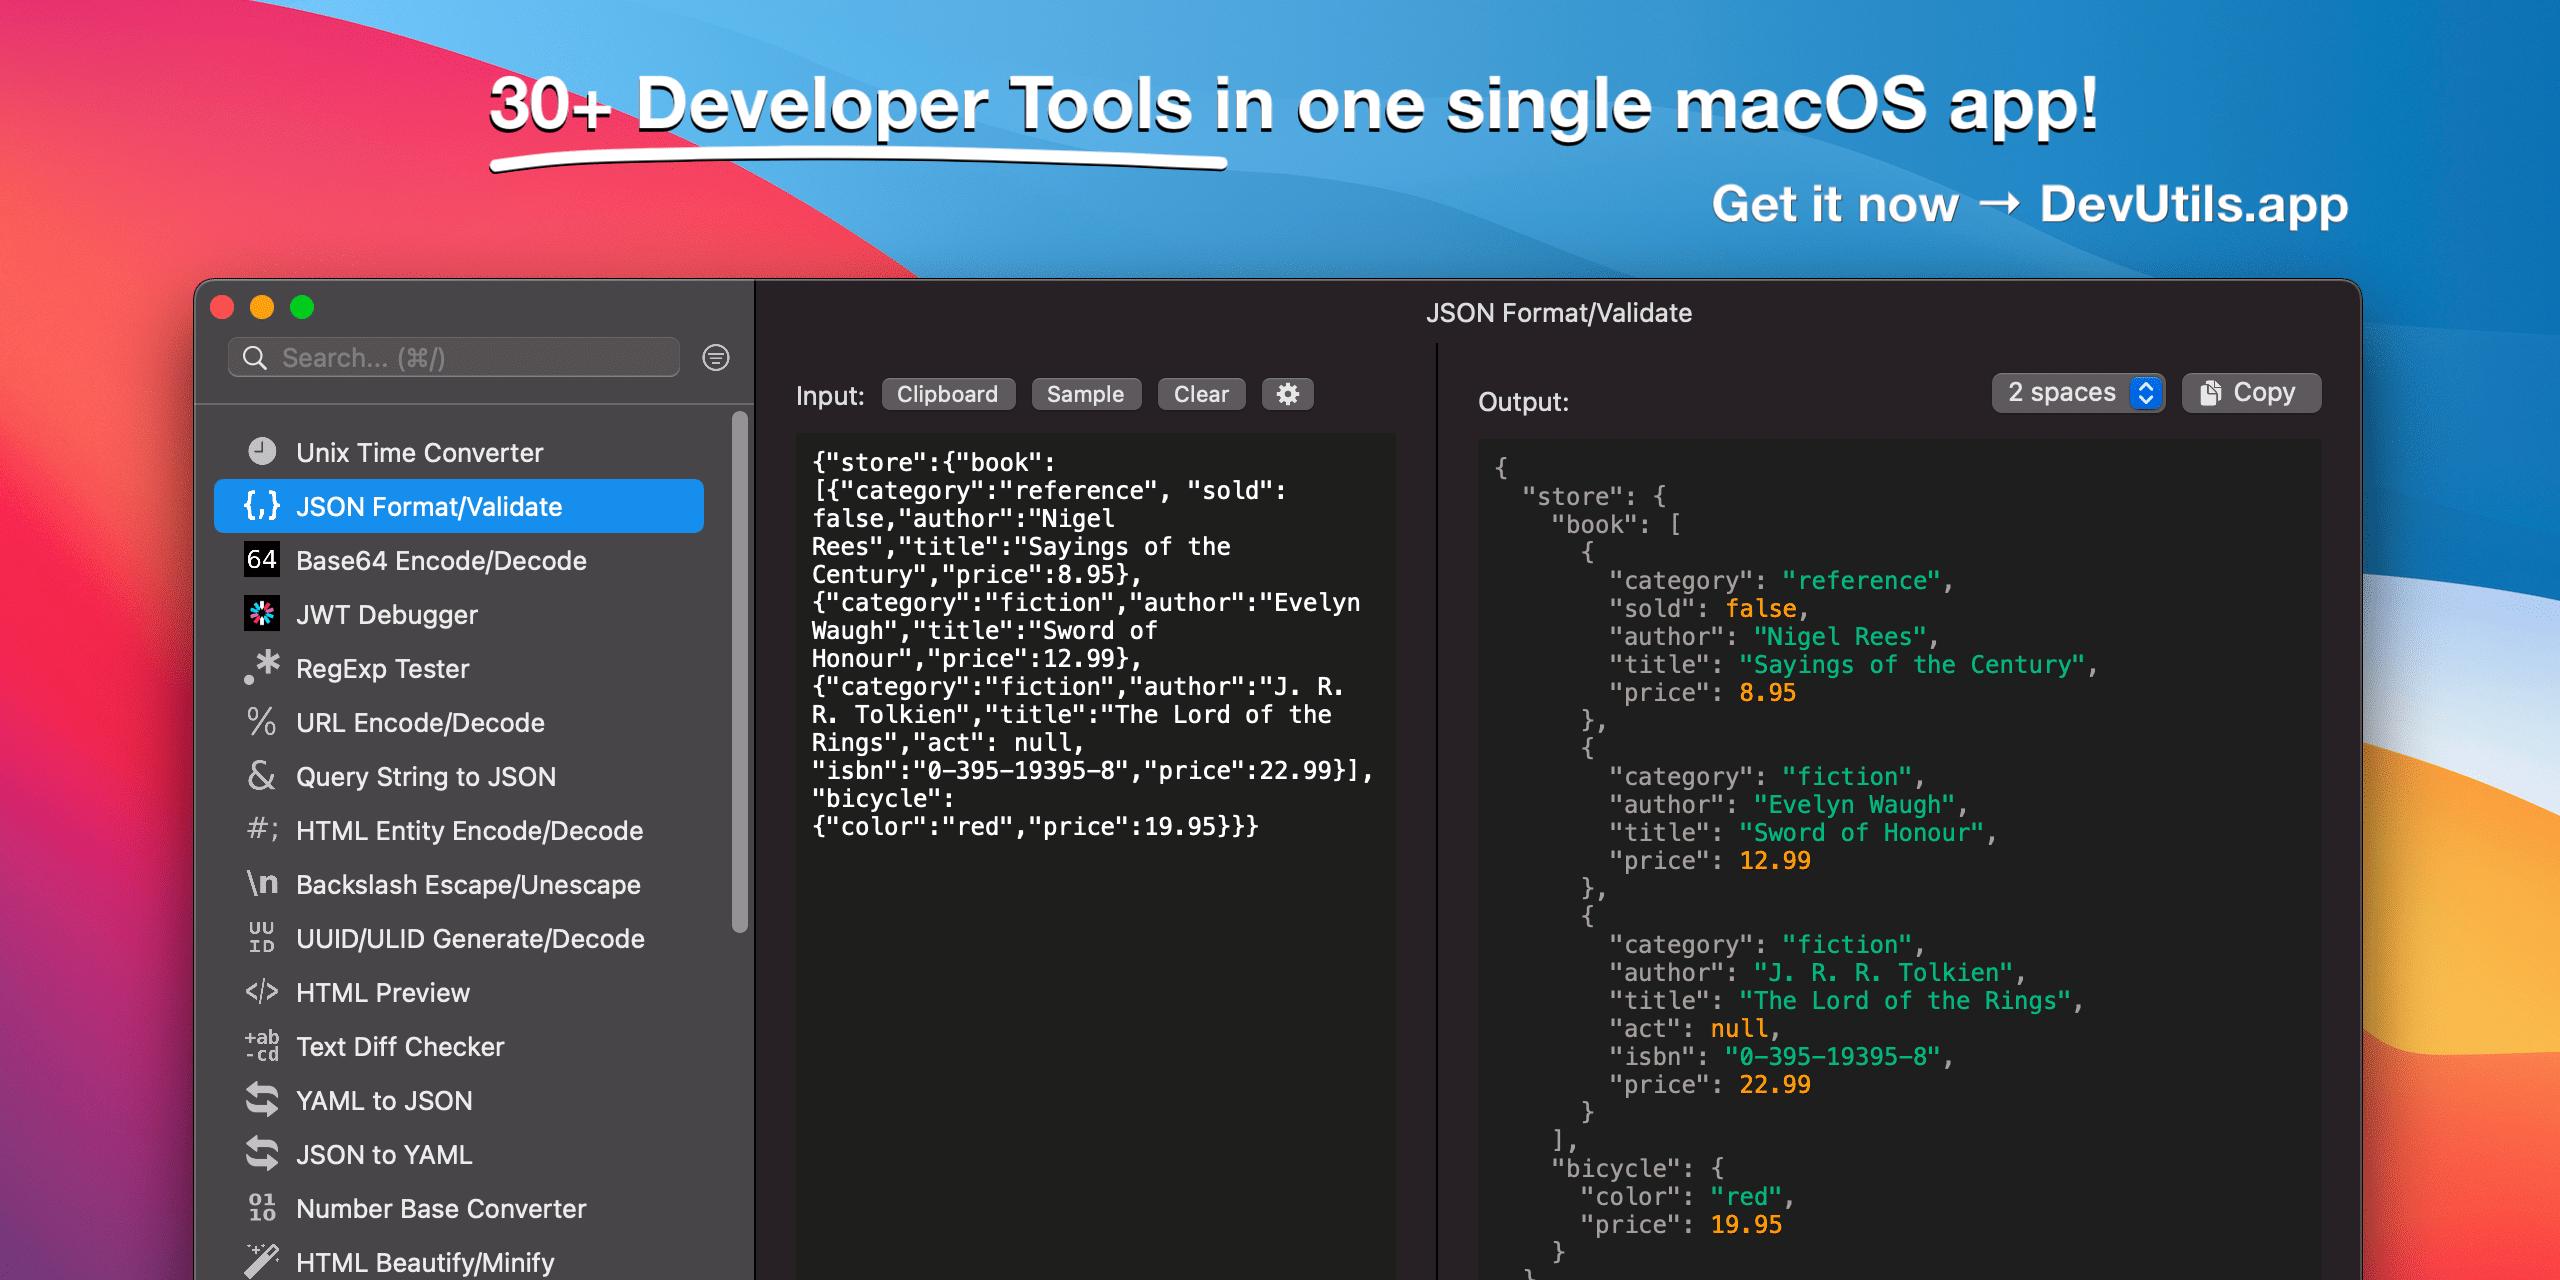 DevUtils-app